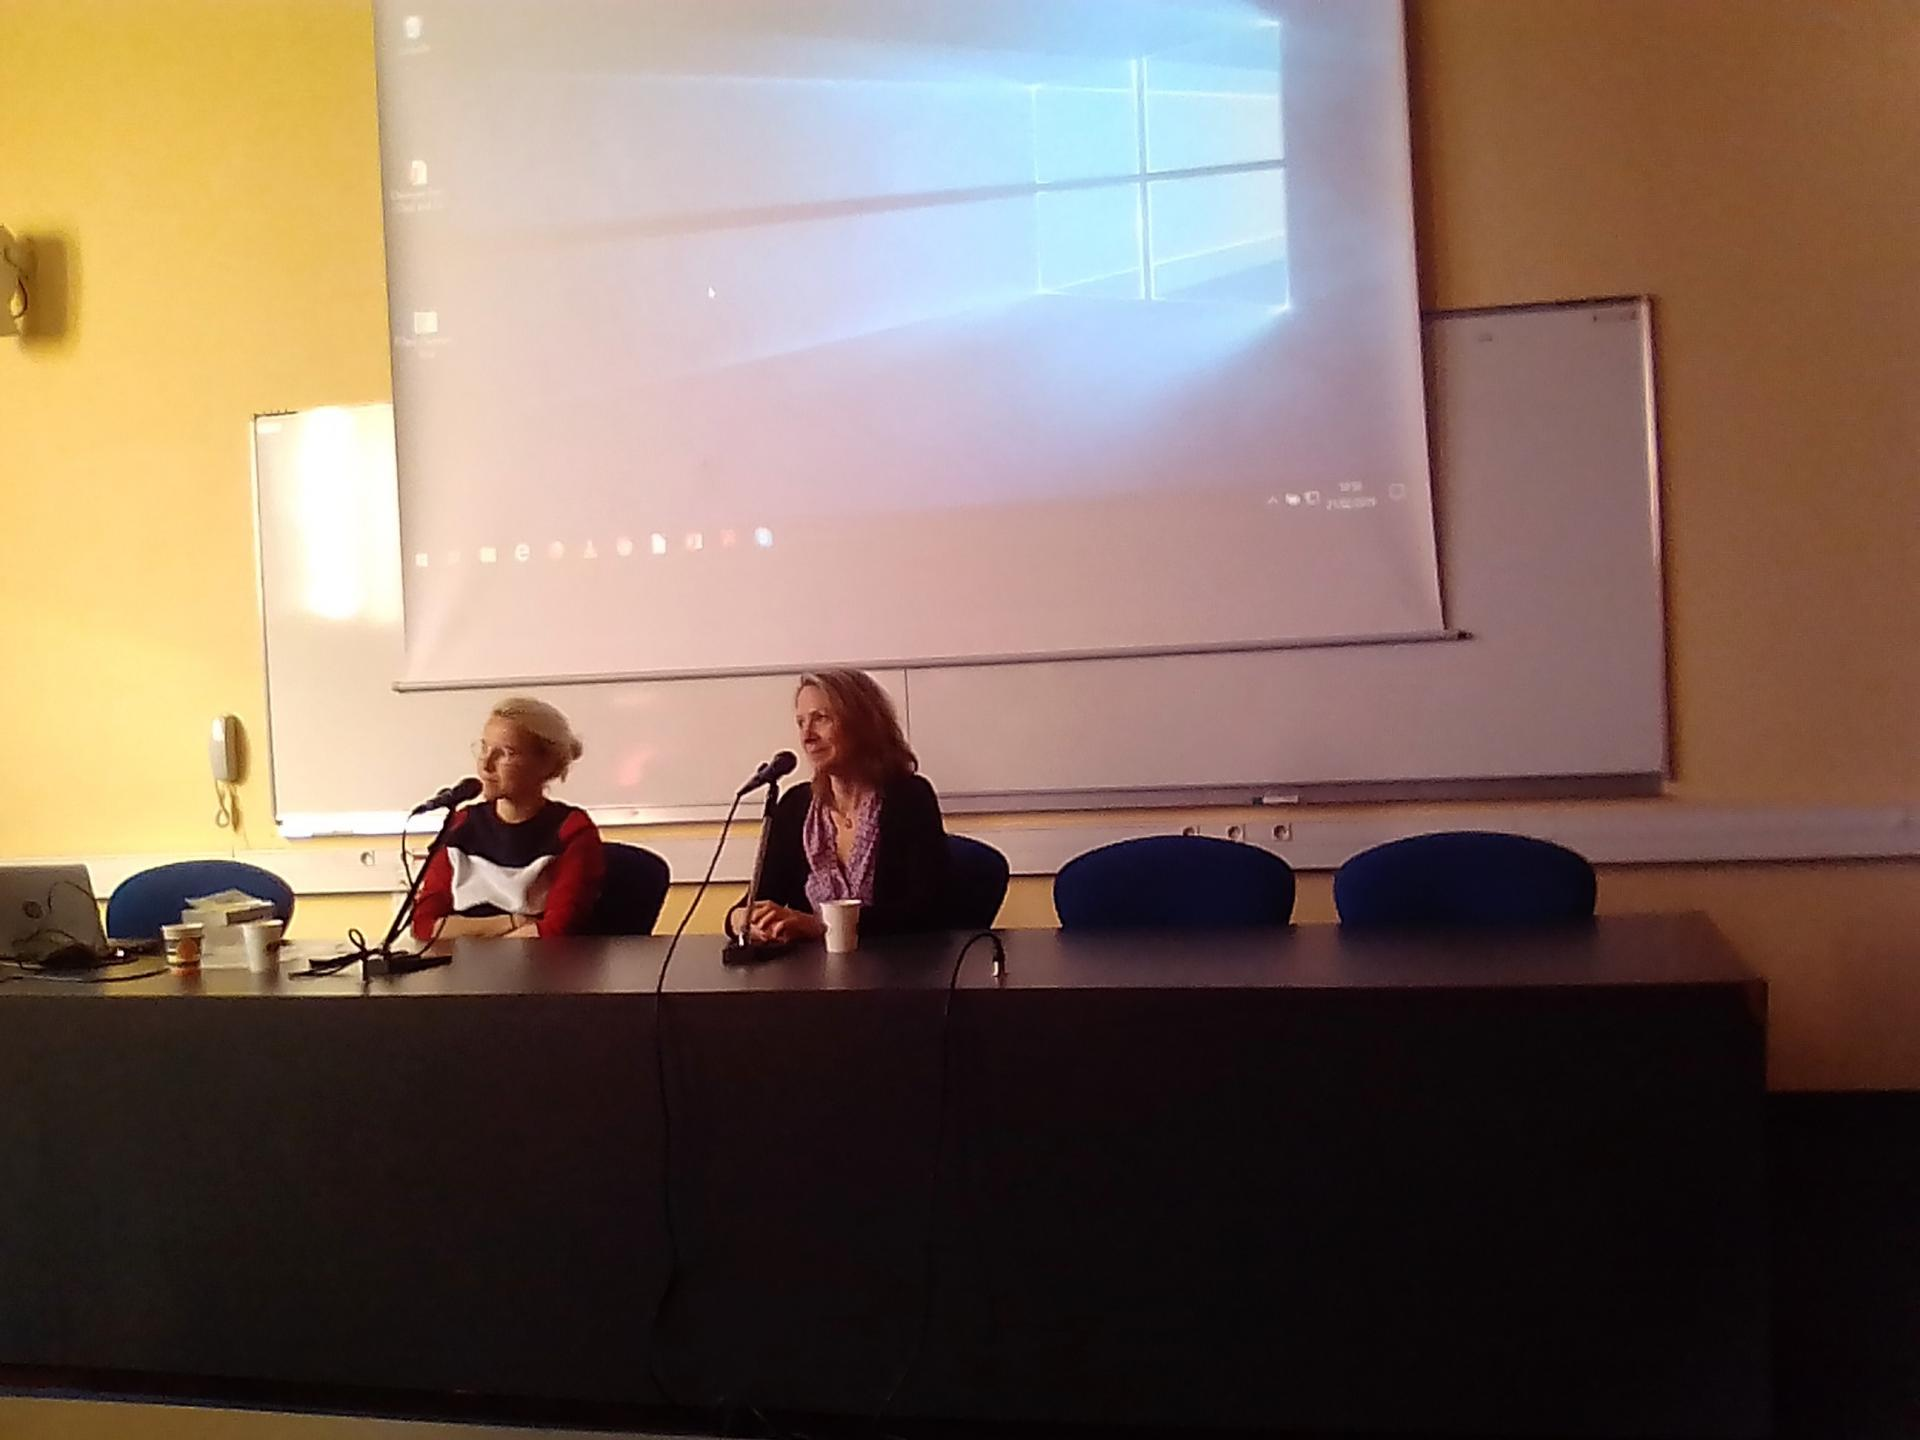 Rencontre à la Maison de l'Homme- Clermont-Ferrand avec l'auteure Gaëlle Nohant en présence de Cécile Coulon